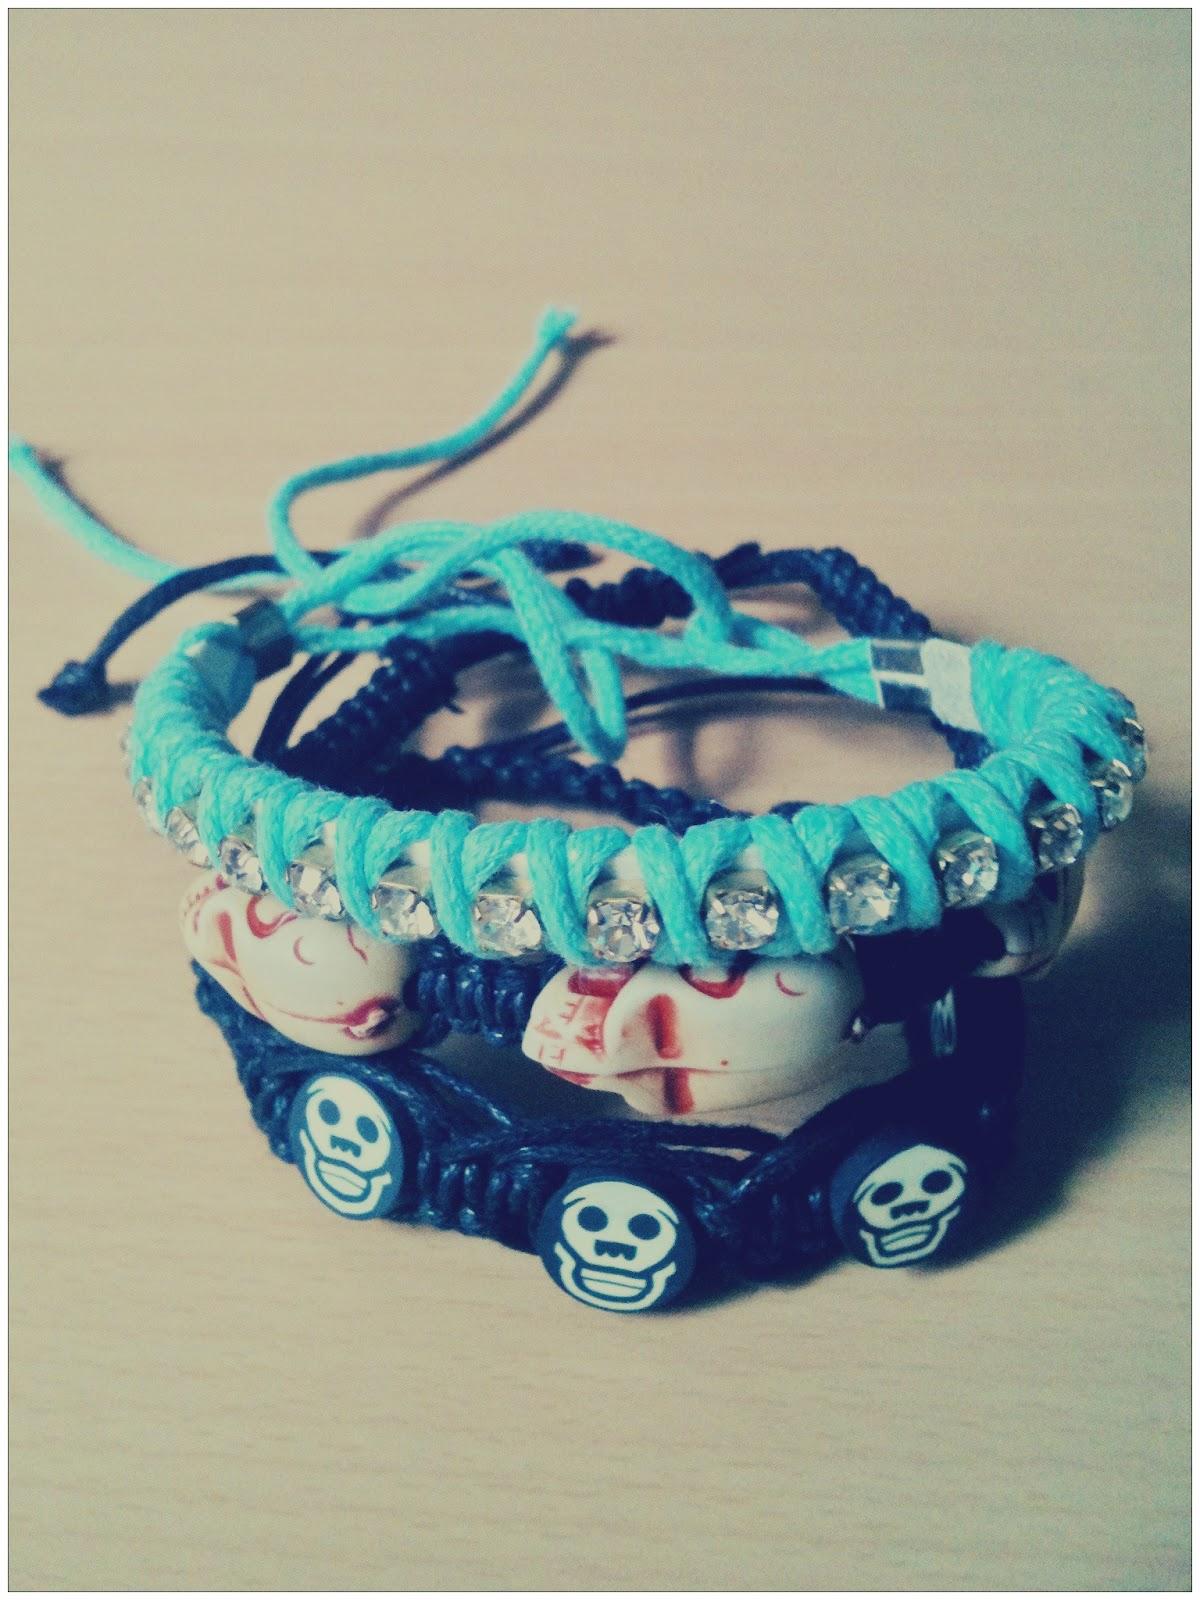 efa2a3beb Lá eu também comprei essas pulseirinhas da amizade que estão super na moda.  Olhem só que legais essas de caveira! Cada uma é R  10